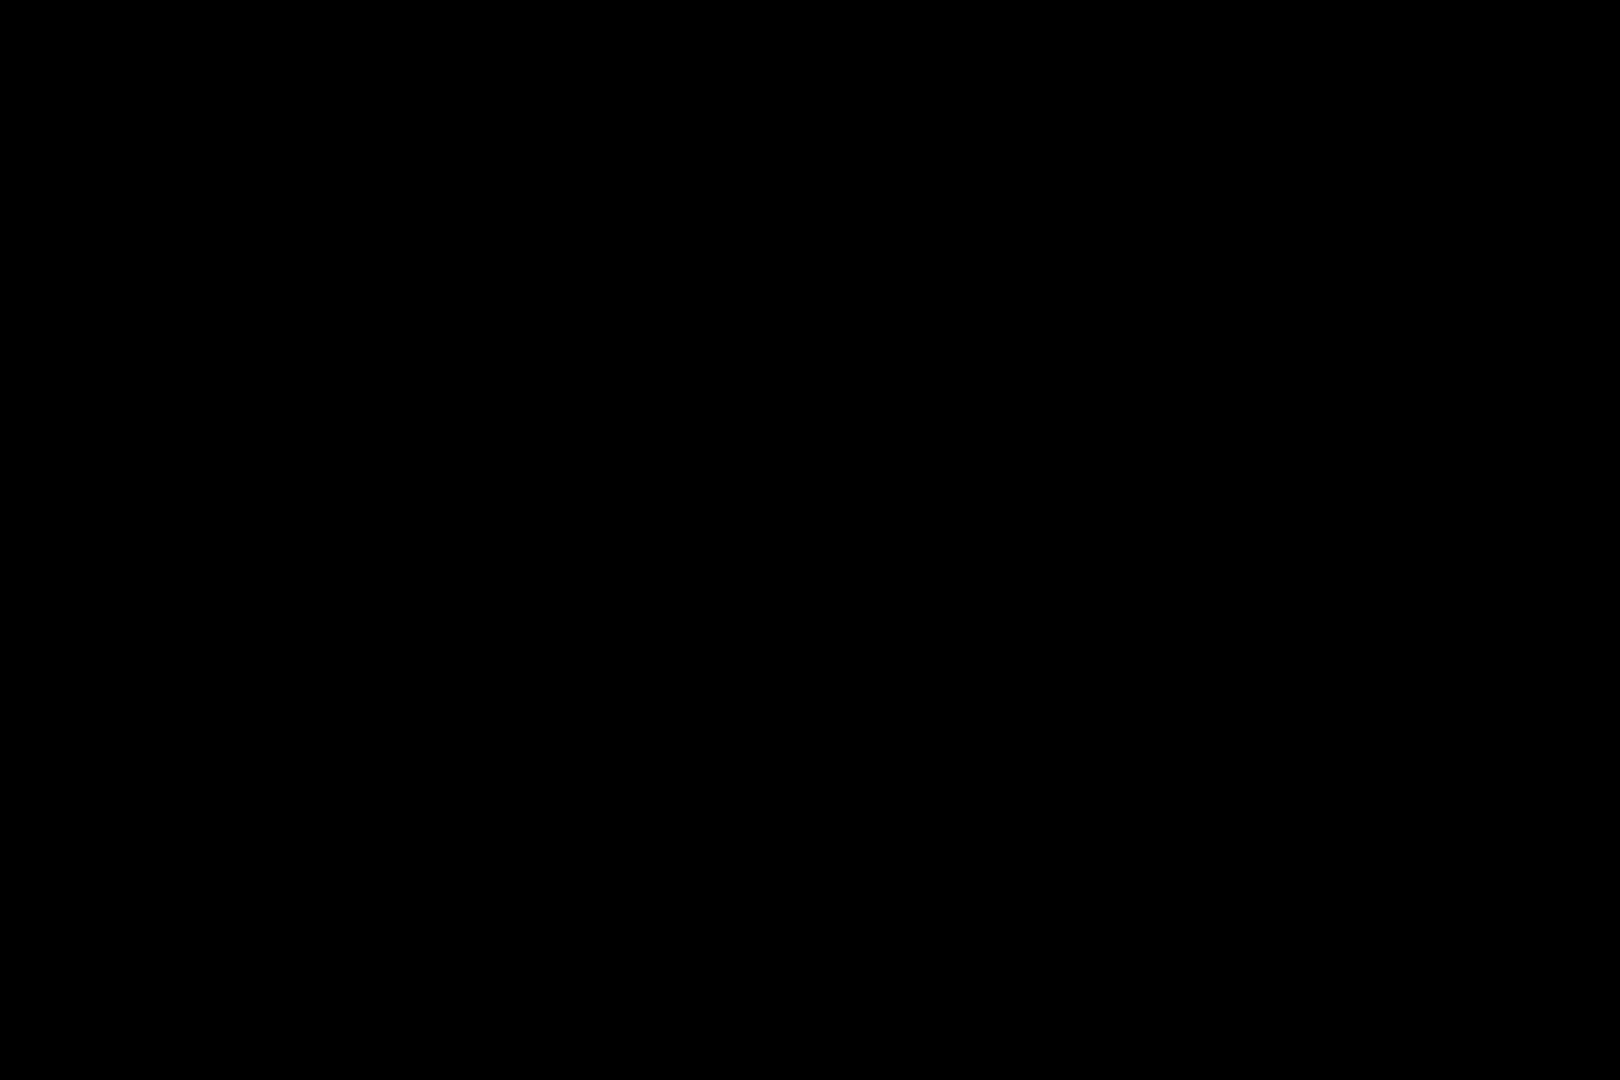 充血監督の深夜の運動会Vol.151 カーセックス SEX無修正画像 77pic 34